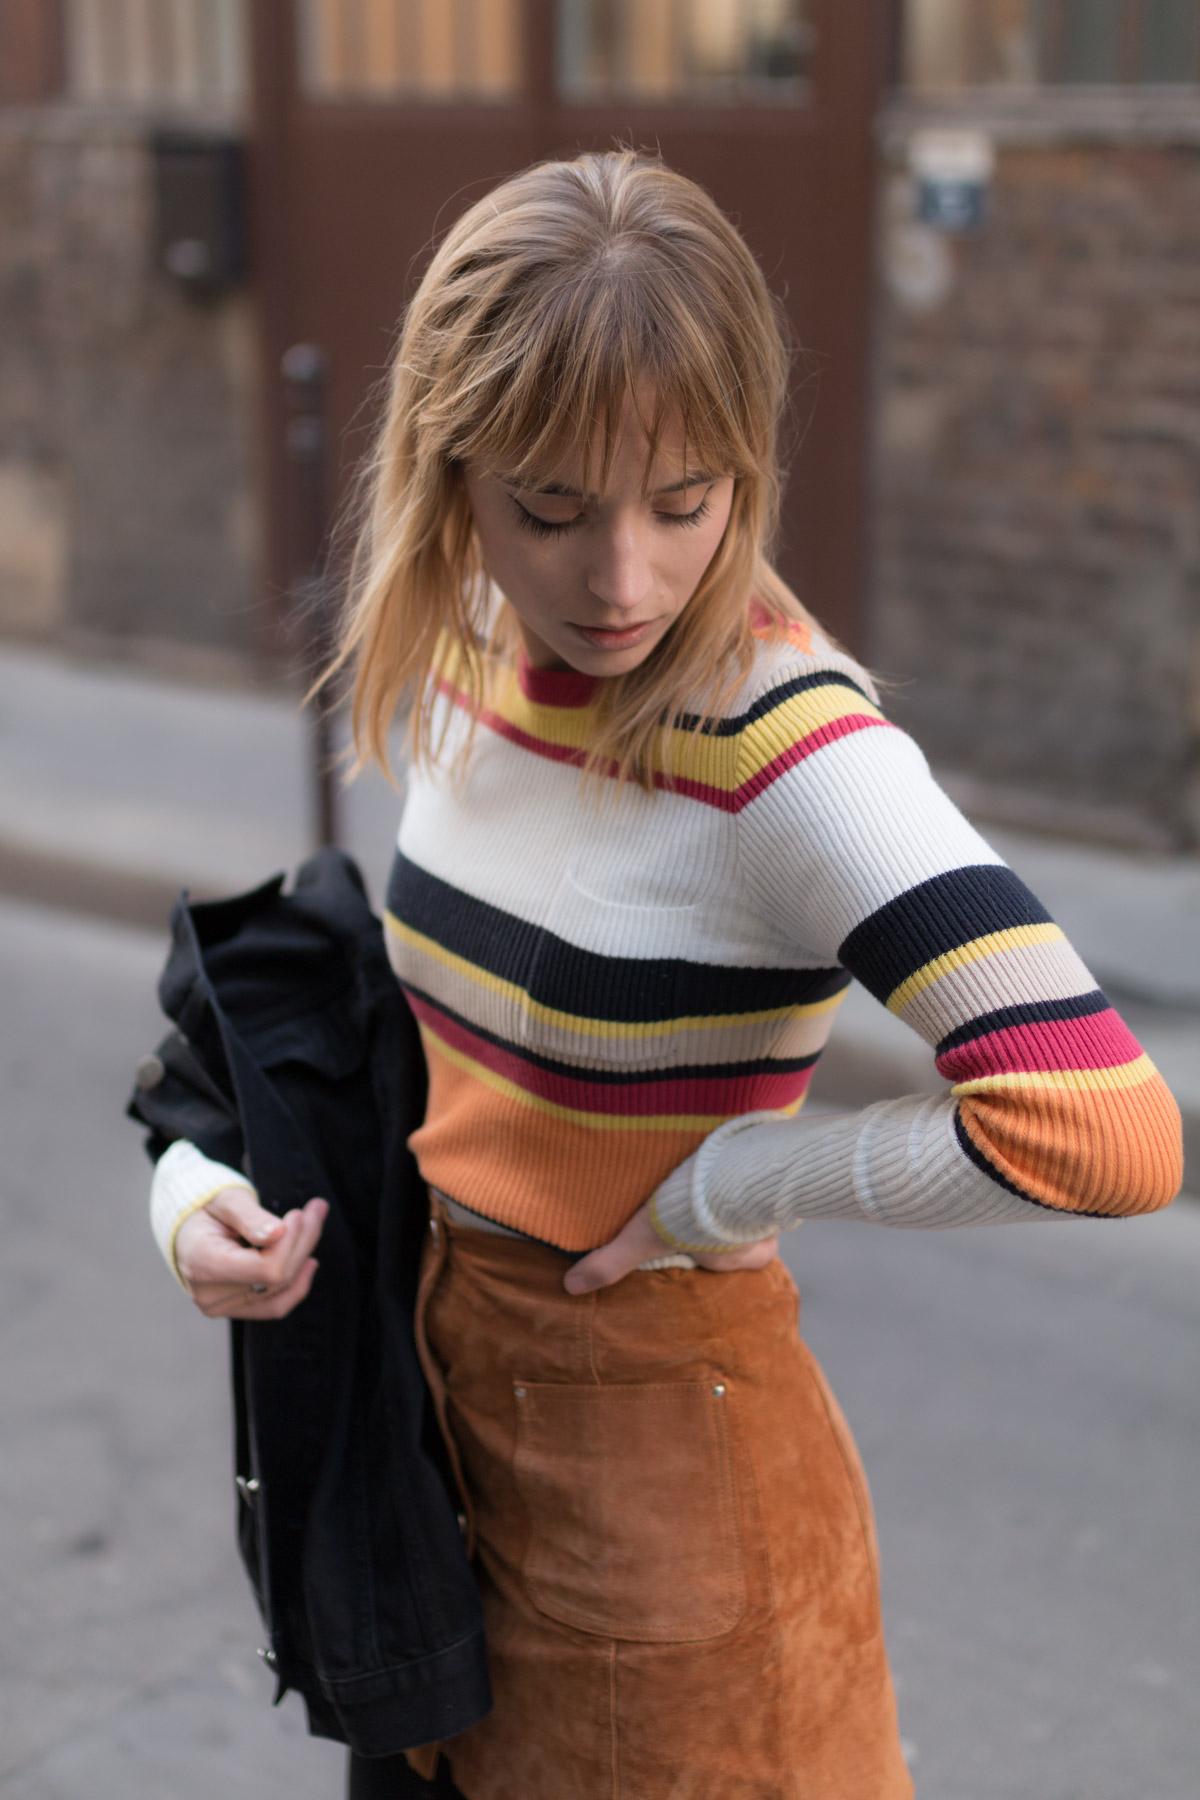 cuissarde et veste en jean I Sp4nkblog_-5